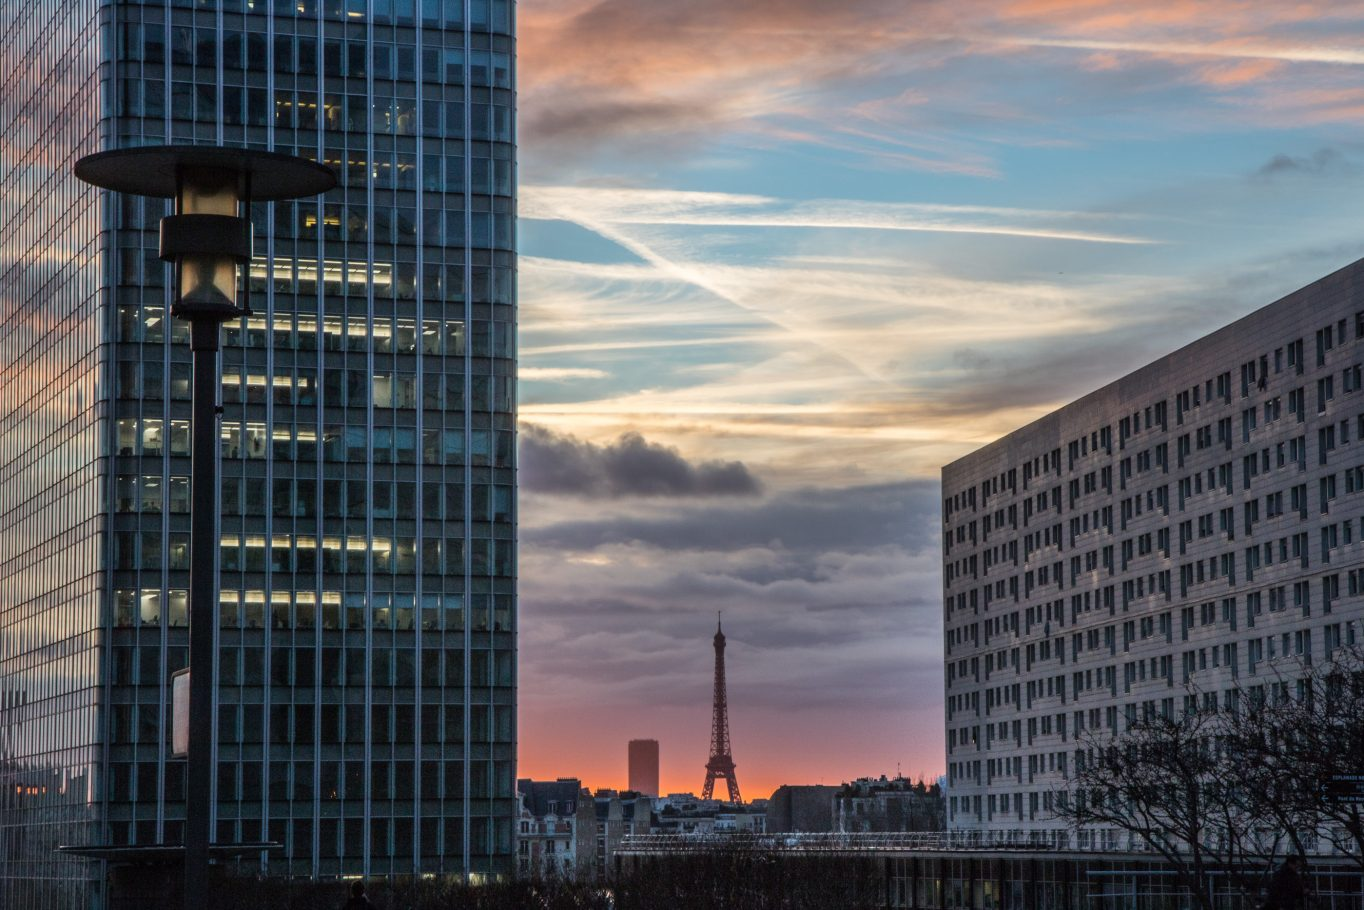 Le soleil se lève sur Paris, LA DEFENSE